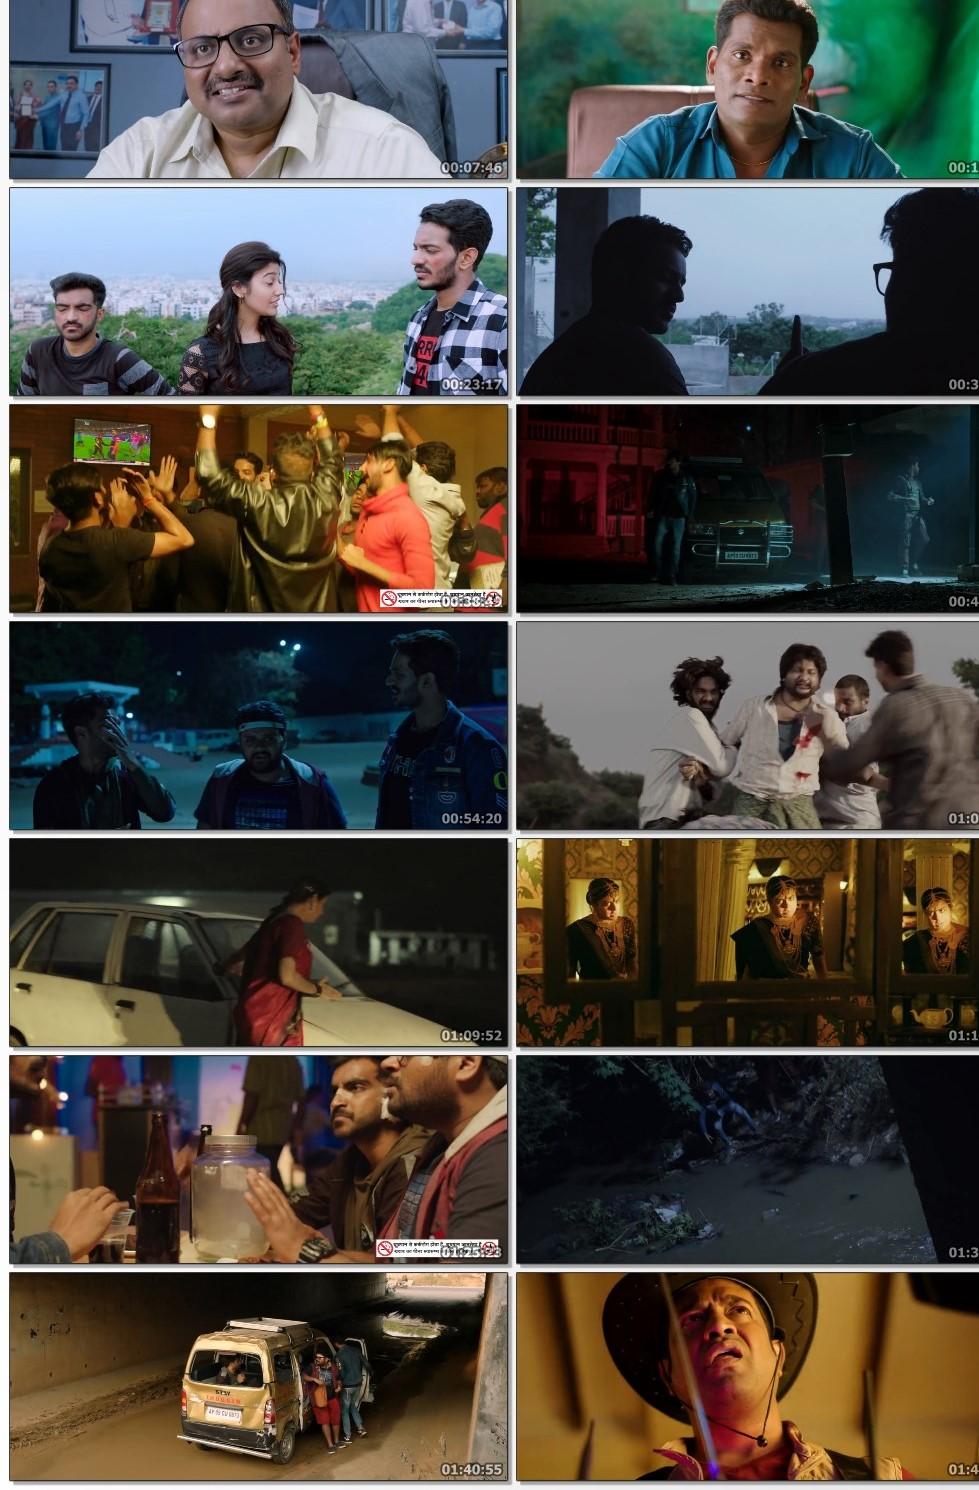 Edaina-Jaragocchu-Teen-Ghanchakkar-2021-ORG-Hindi-Dubbed-720p-HDRip-1-1-GB-mkv-thumbs83f16edb1b98481